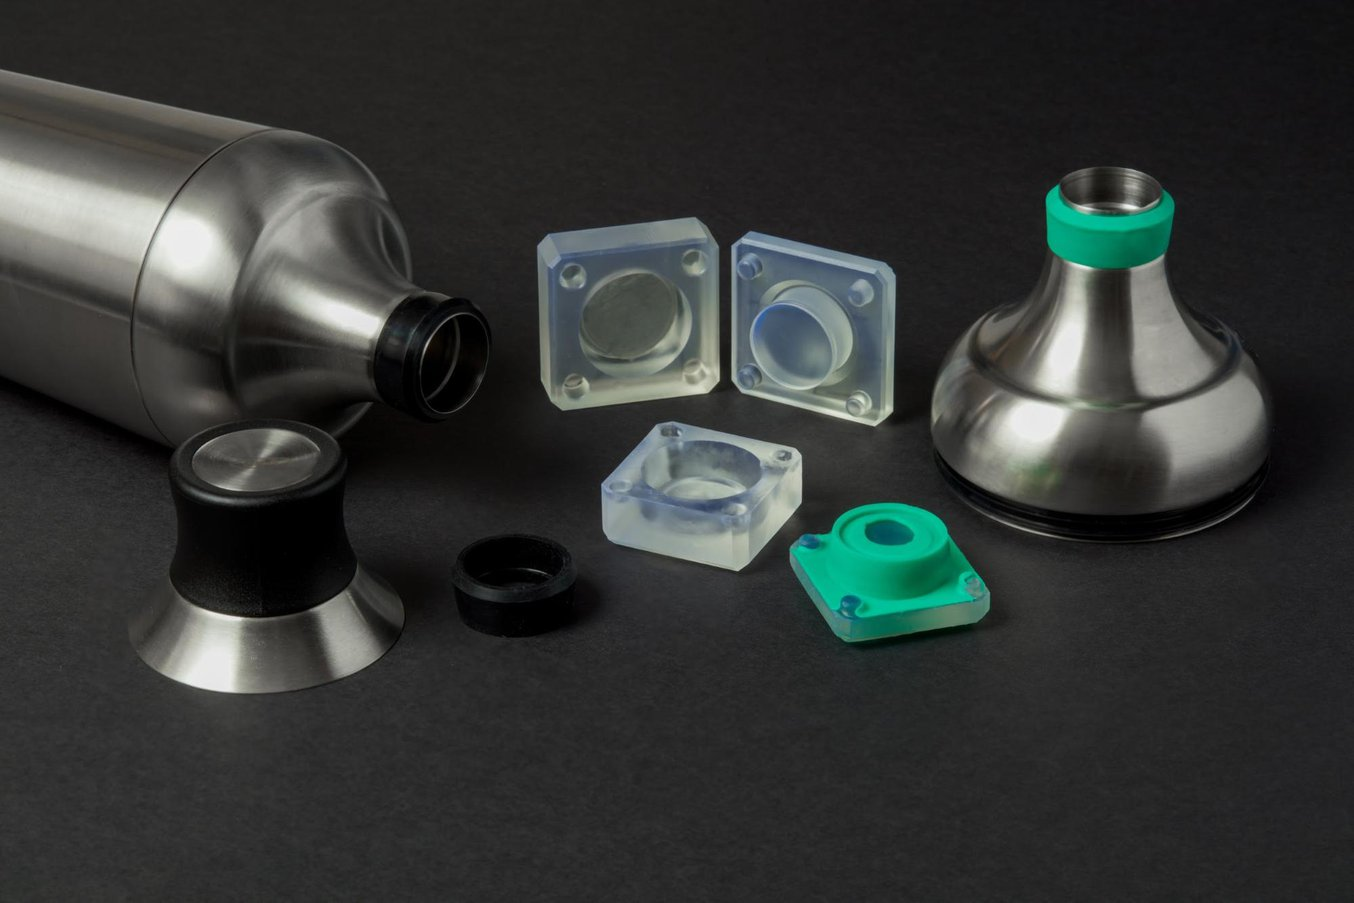 3D-Druck ist eine schnelle und billige Methode zur Anfertigung von Formpressgesenken.